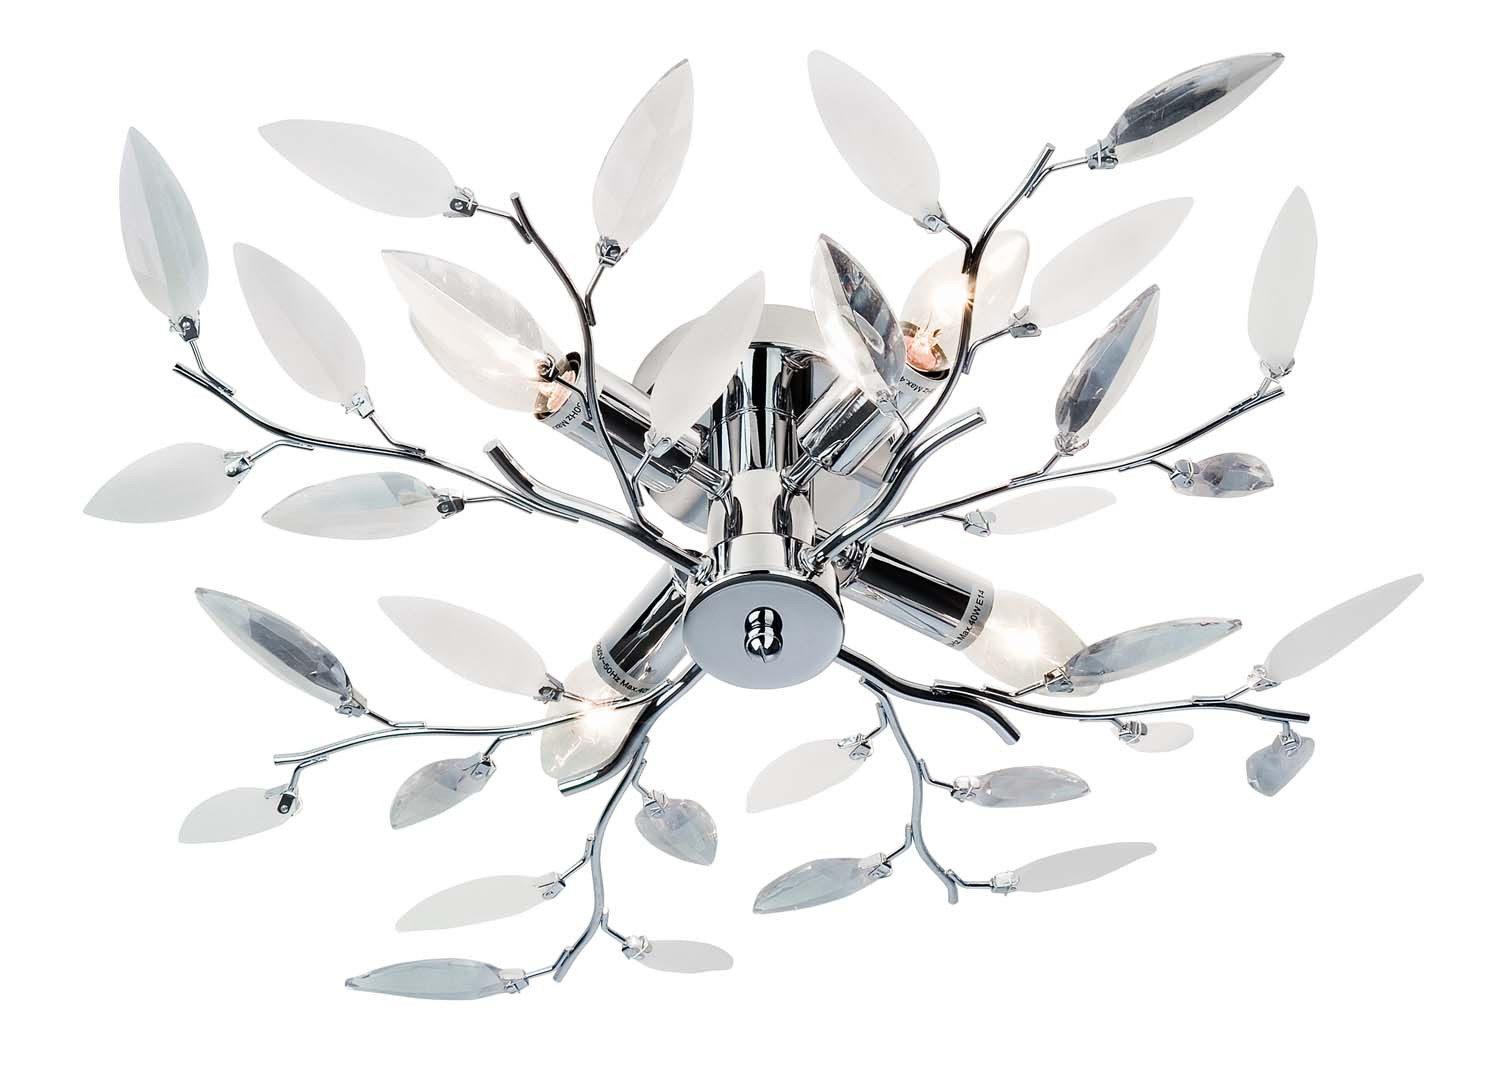 Möbel Eilers Apen, Räume, Wohnzimmer, Lampen + Leuchten, Deckenleuchte,  Deckenleuchte Nottingham   Deckenlampe, Chrom U0026 Mattweißes Acryl    Durchmesser Ca.